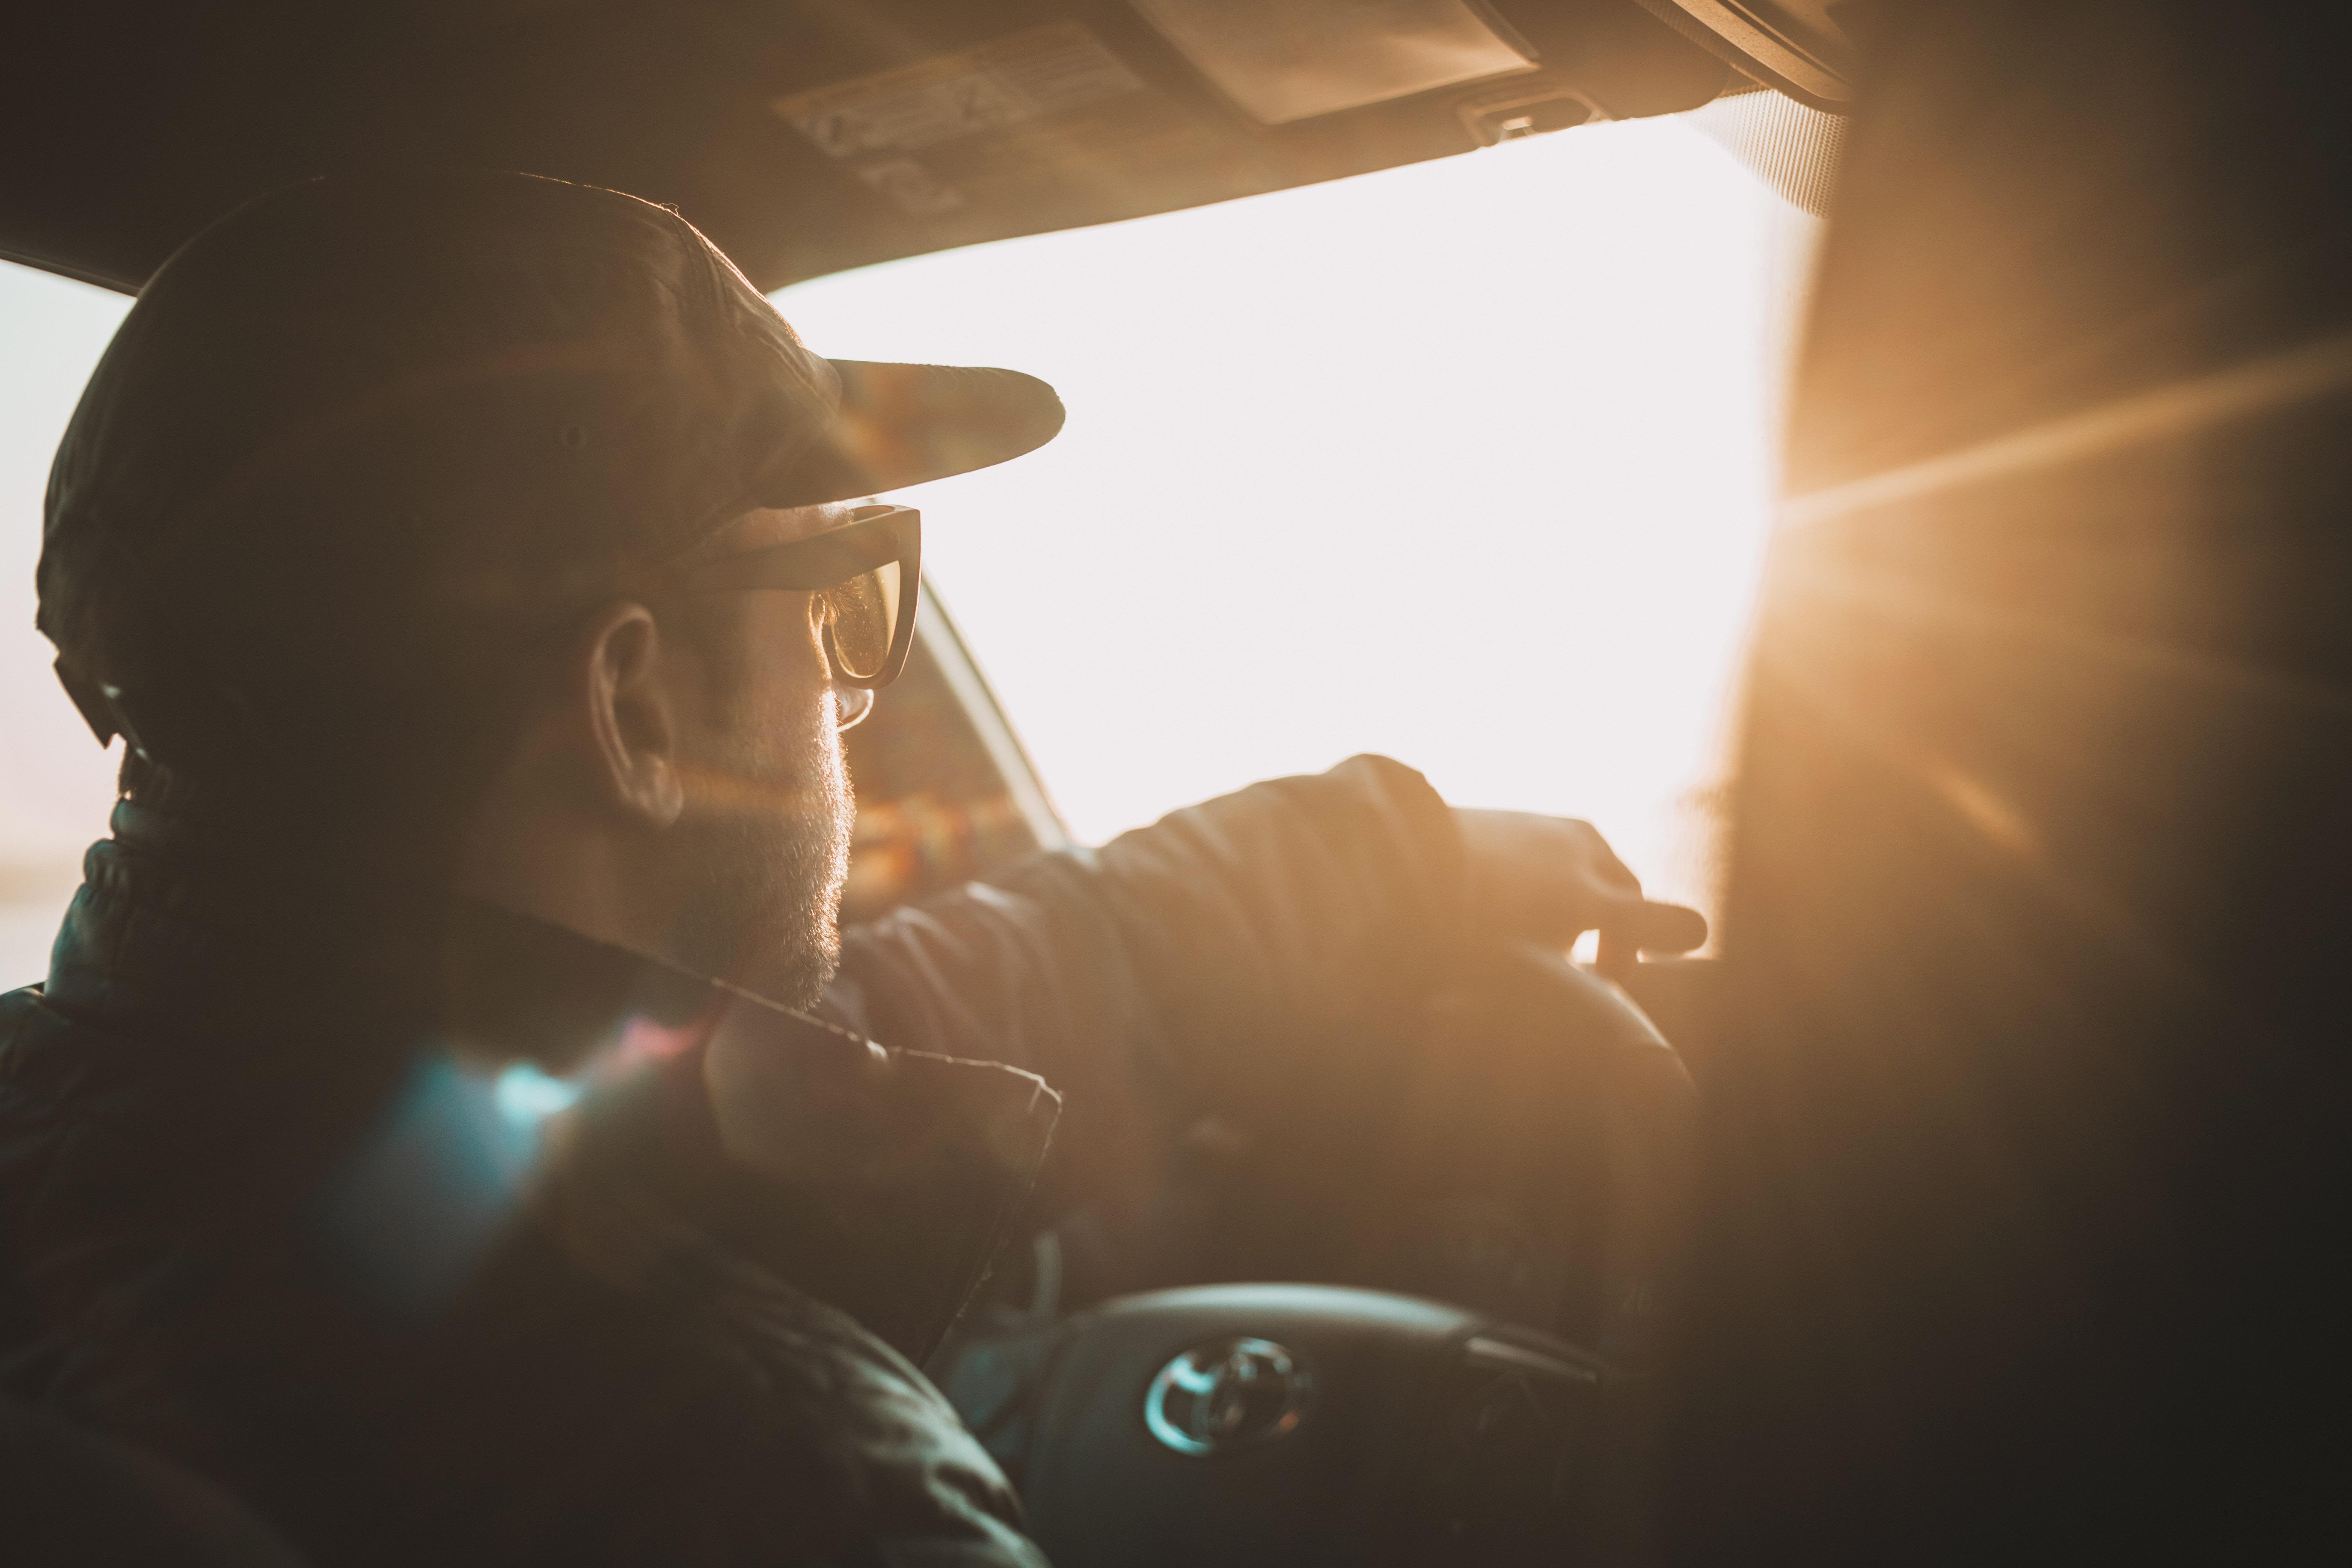 man driving Toyota vehicle during daytime